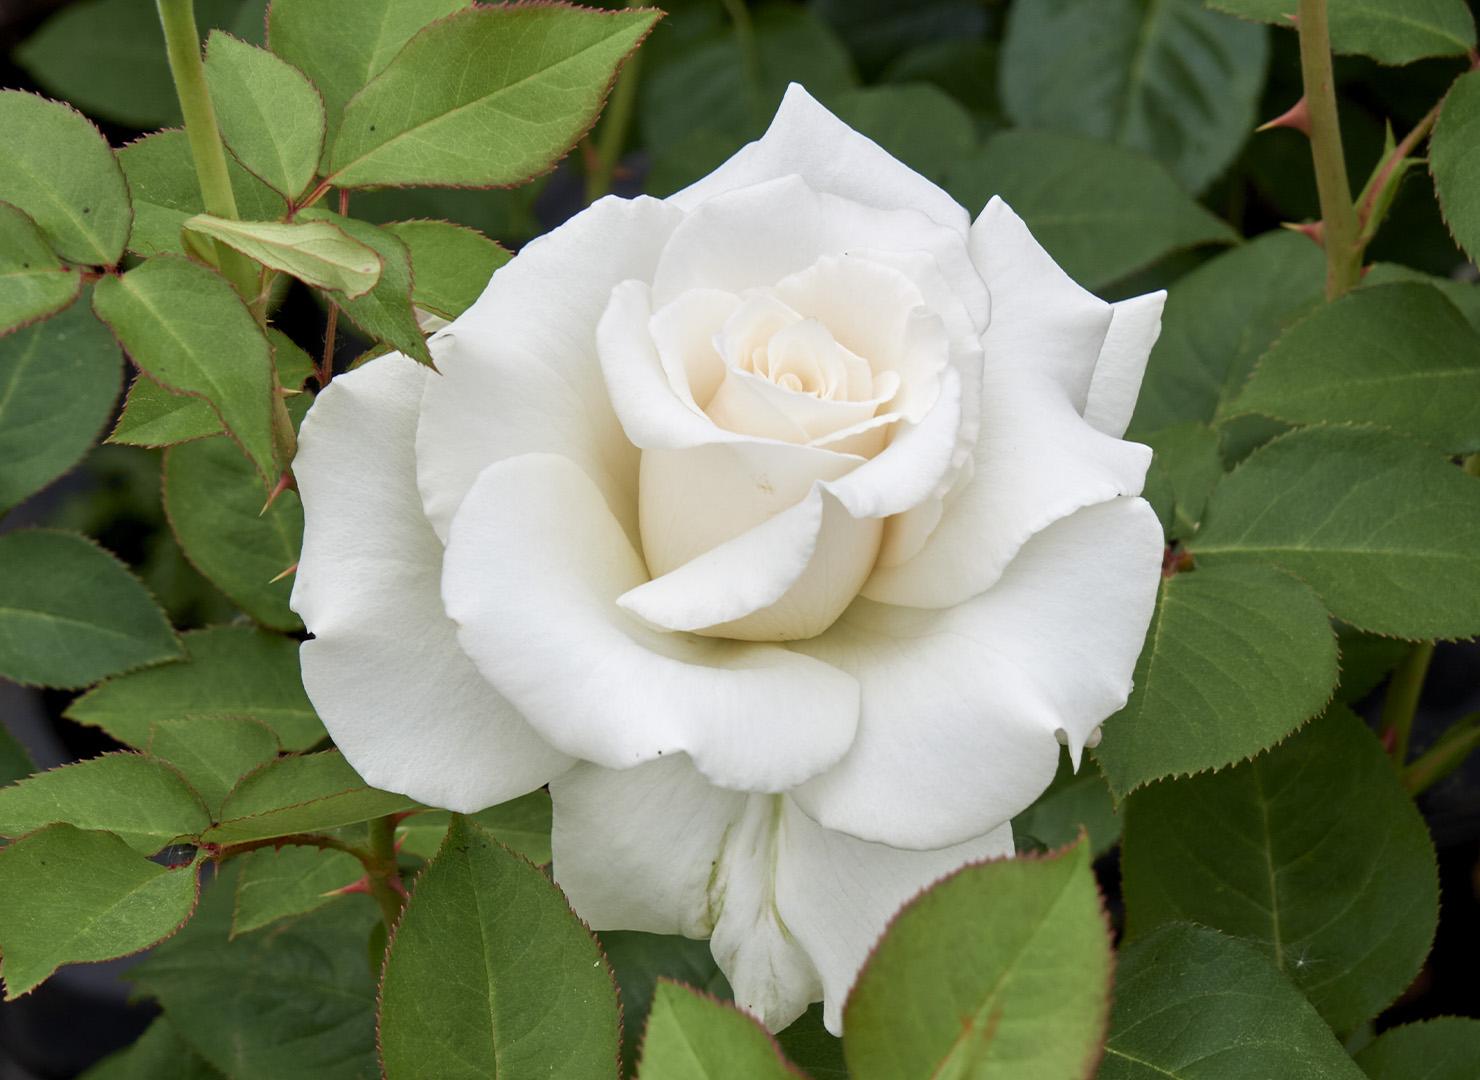 エレガンス アイボリー - Elegance Ivory